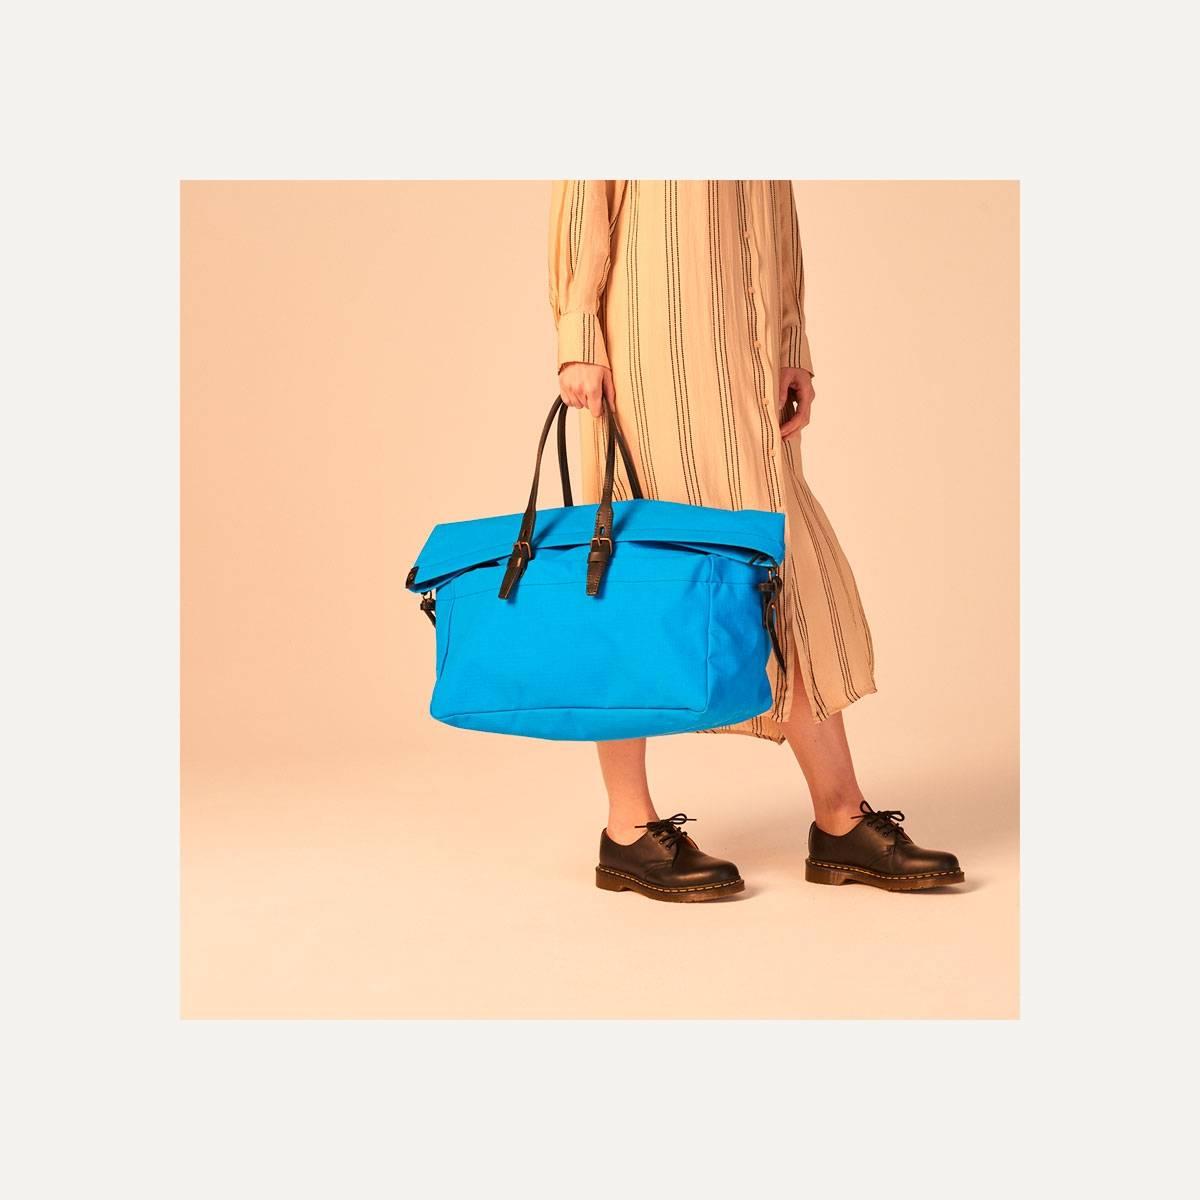 Cabine Travel bag  - Regentex Blue (image n°12)